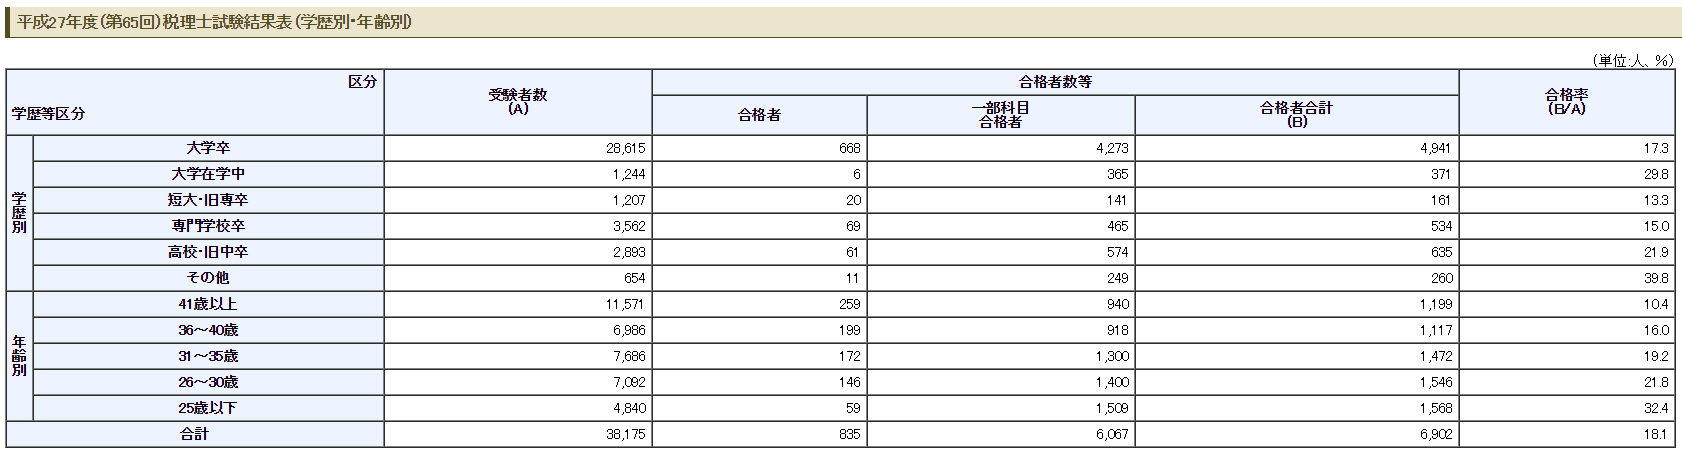 平成27年度(第65回)税理士試験結果表(学歴別・年齢別)